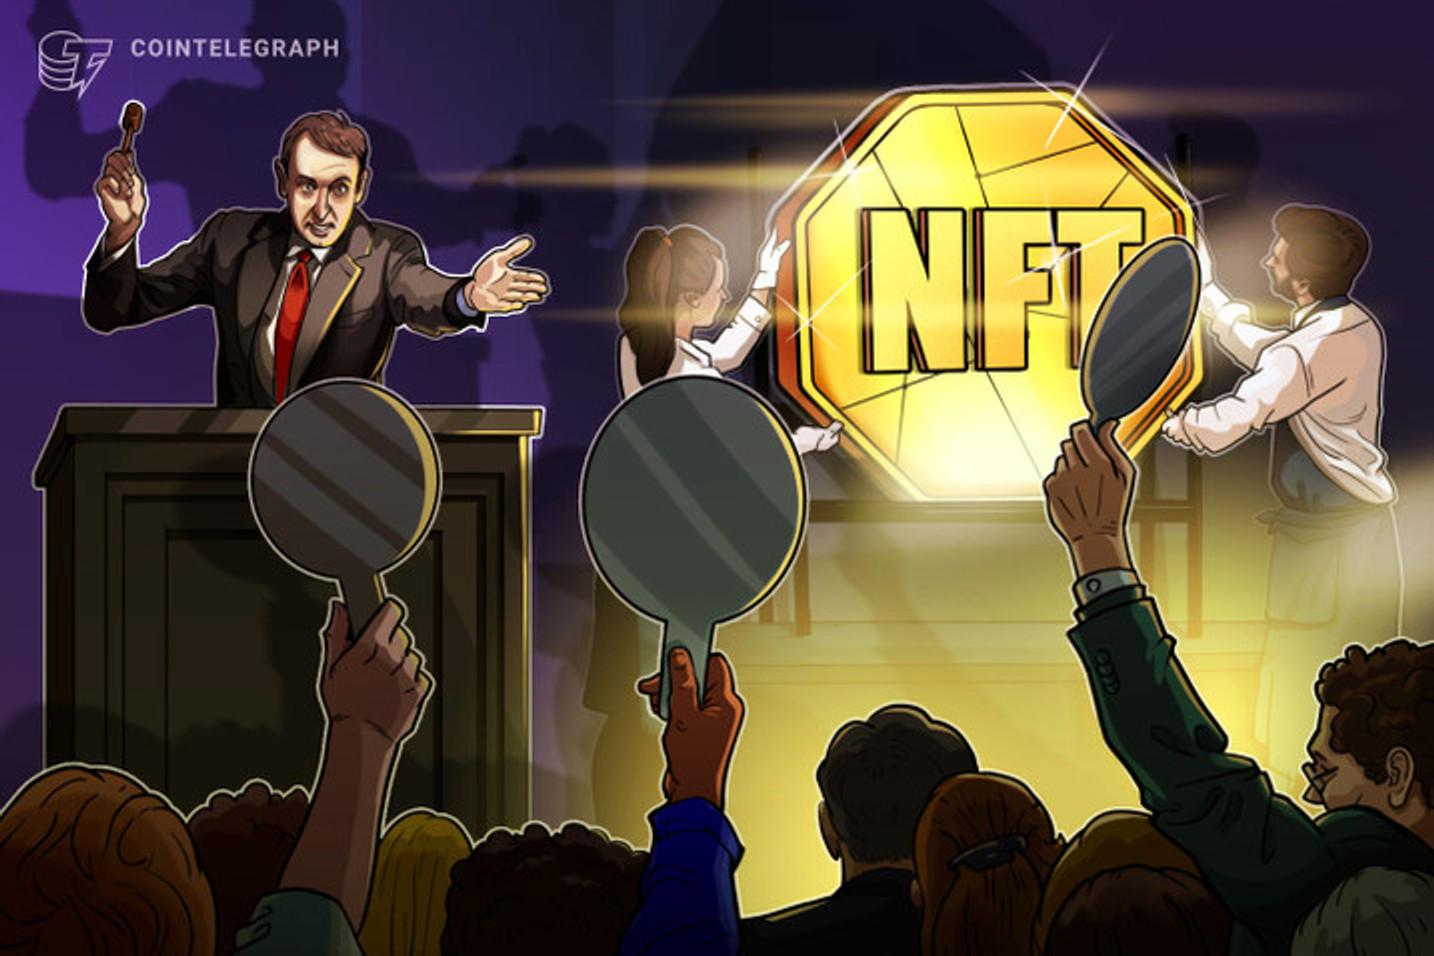 Artistas brasileiros são destaques de lançamento de plataforma NFT da Binance nesta quinta-feira